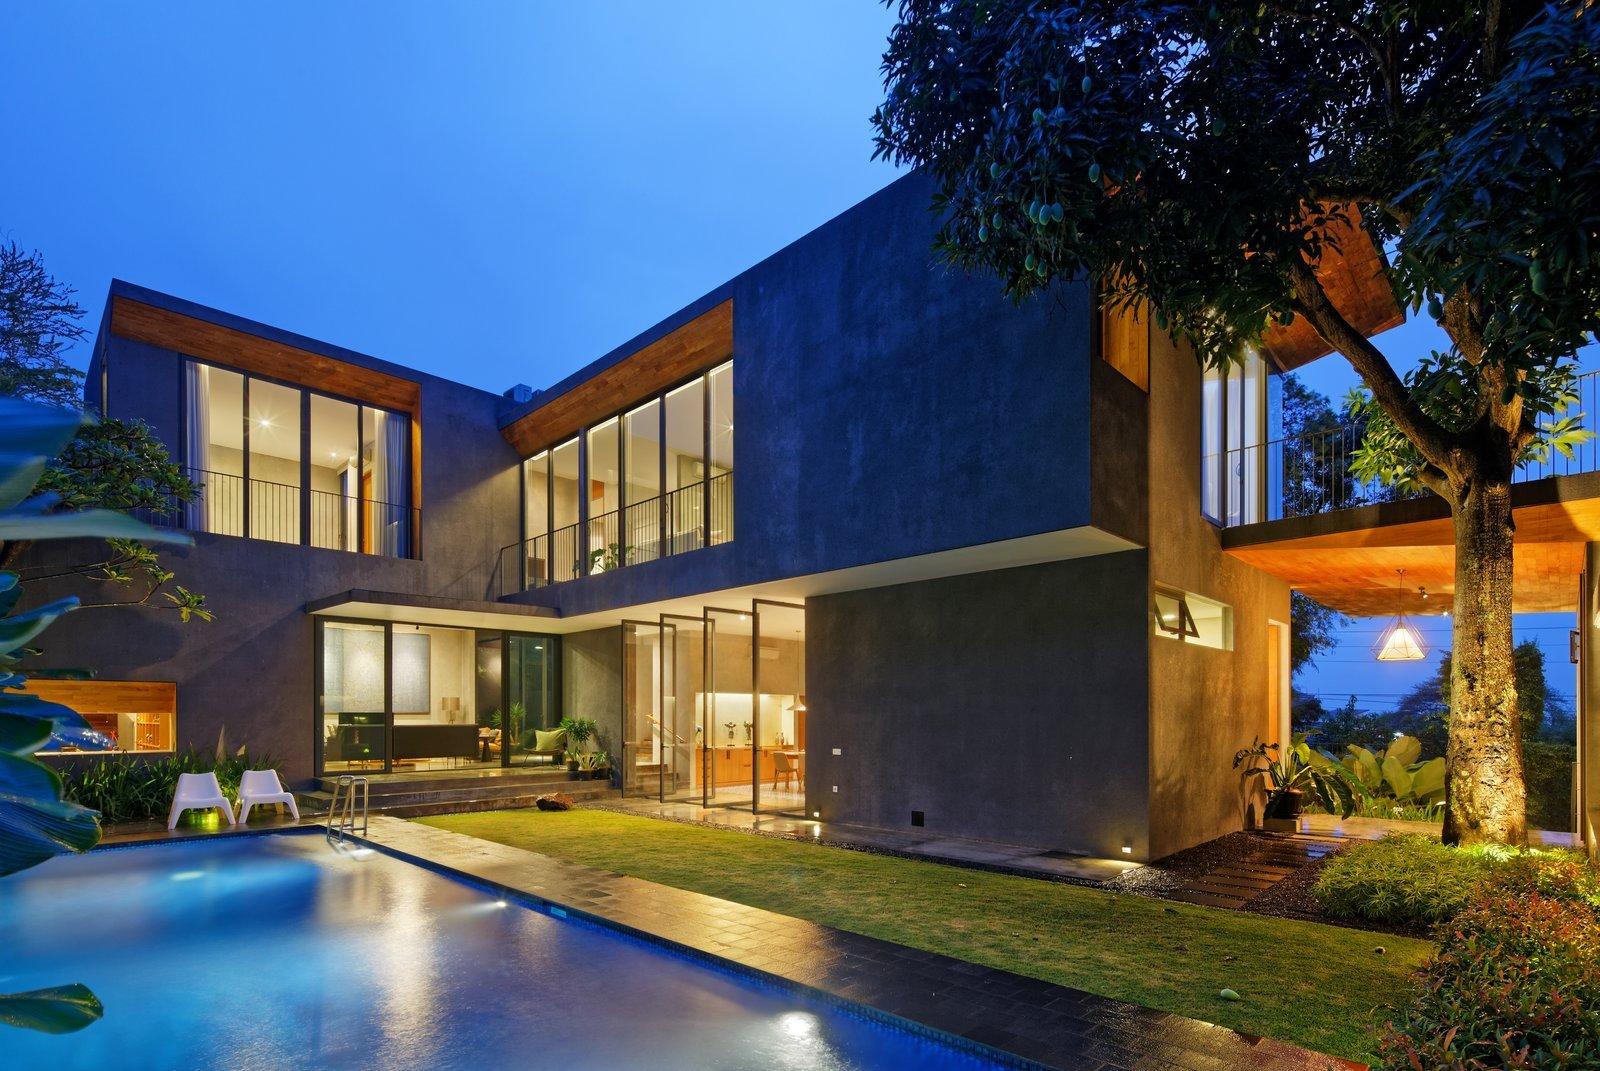 Các mẫu nhà đẹp 2 tầng hiện đại 14